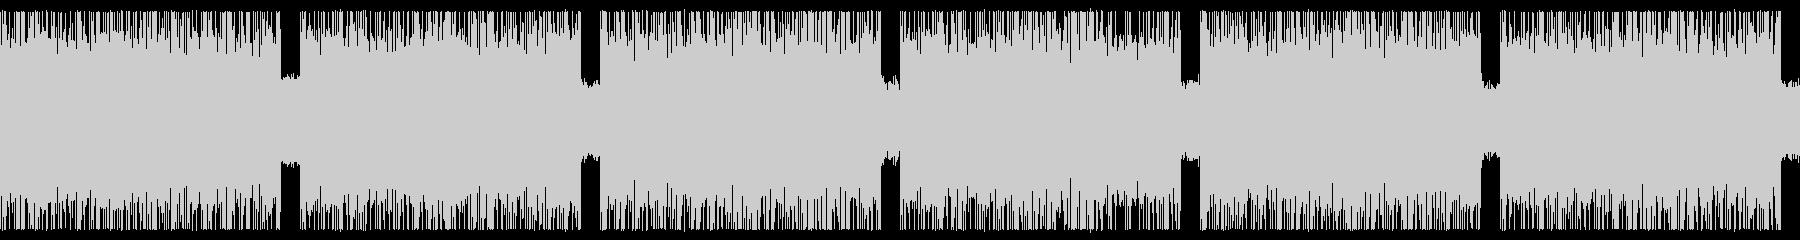 ゲーム映画バトル用攻撃的1-2ループ処理の未再生の波形